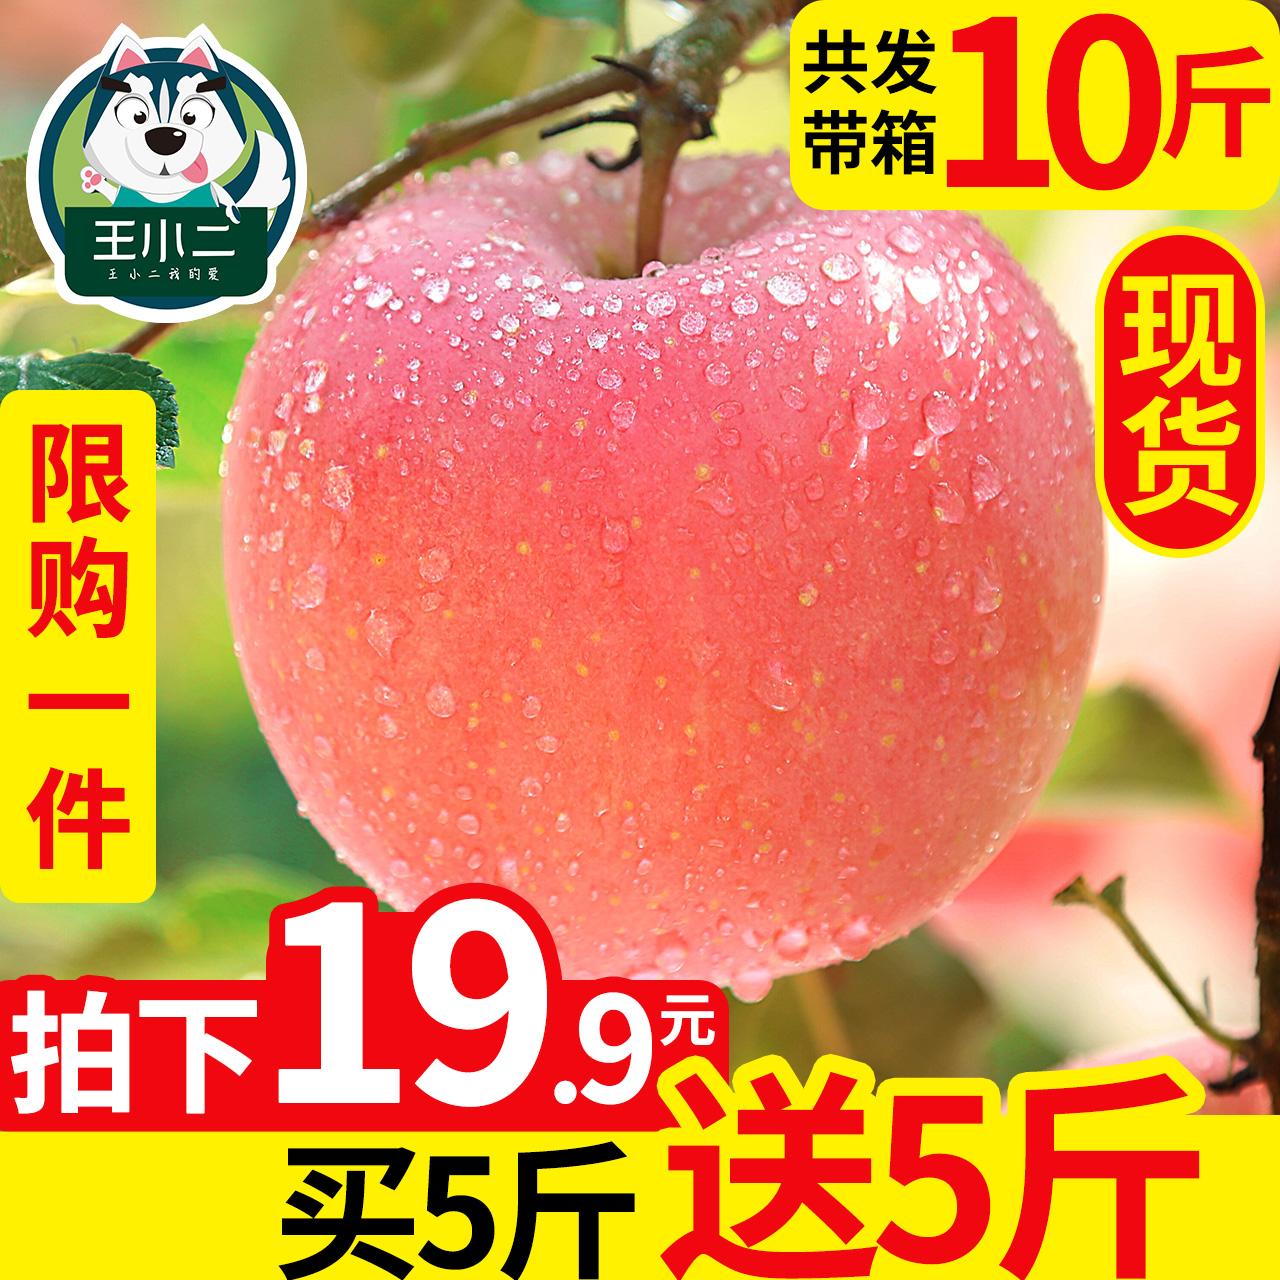 【买1送1】苹果水果新鲜应季带箱10斤当季整箱红富士丑青苹果嘎啦